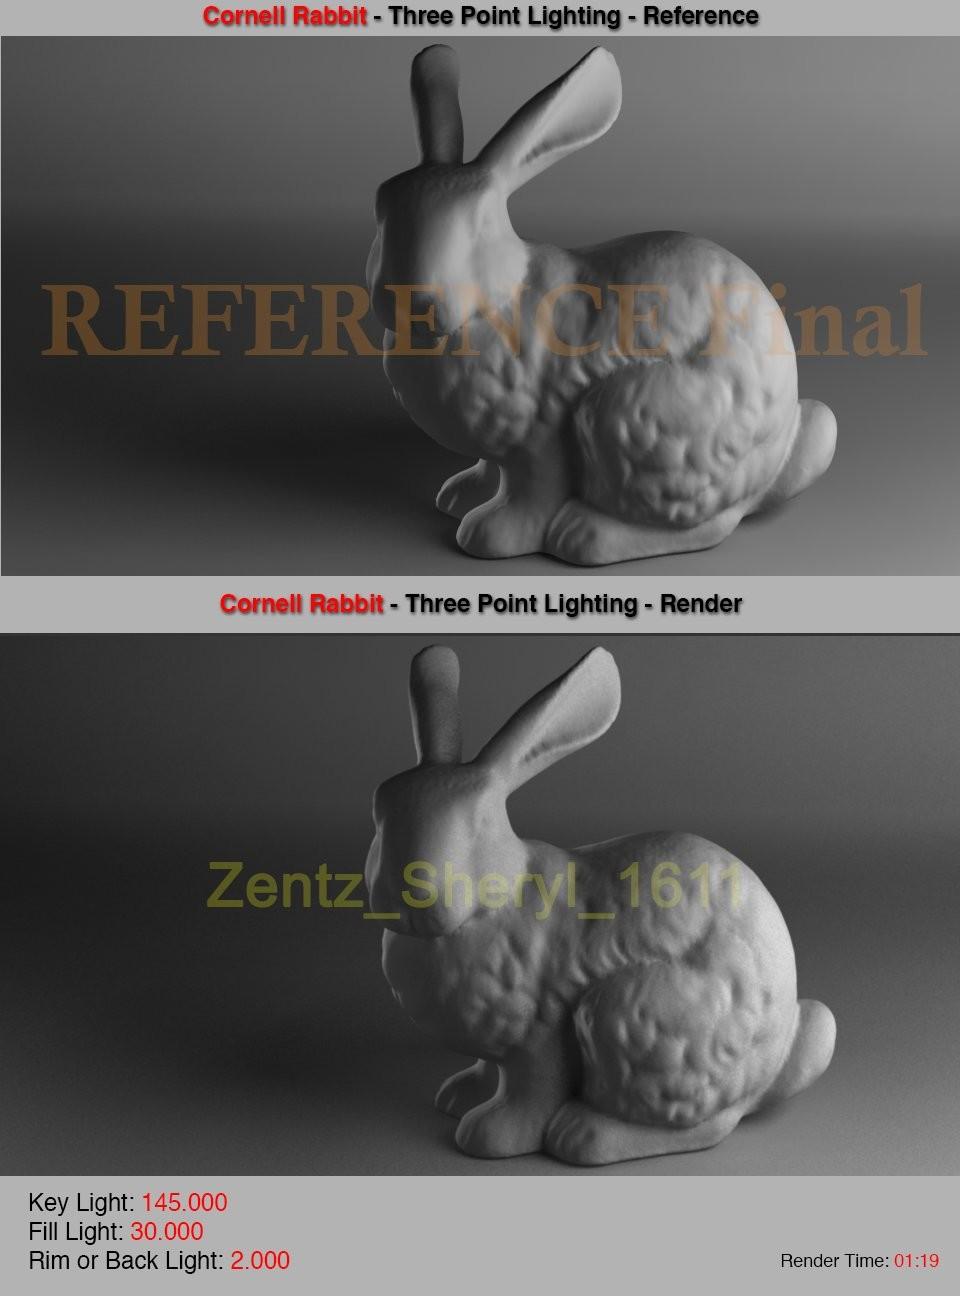 Sheryl zentz zentz sheryl project3 01mrarealight sal o 1611